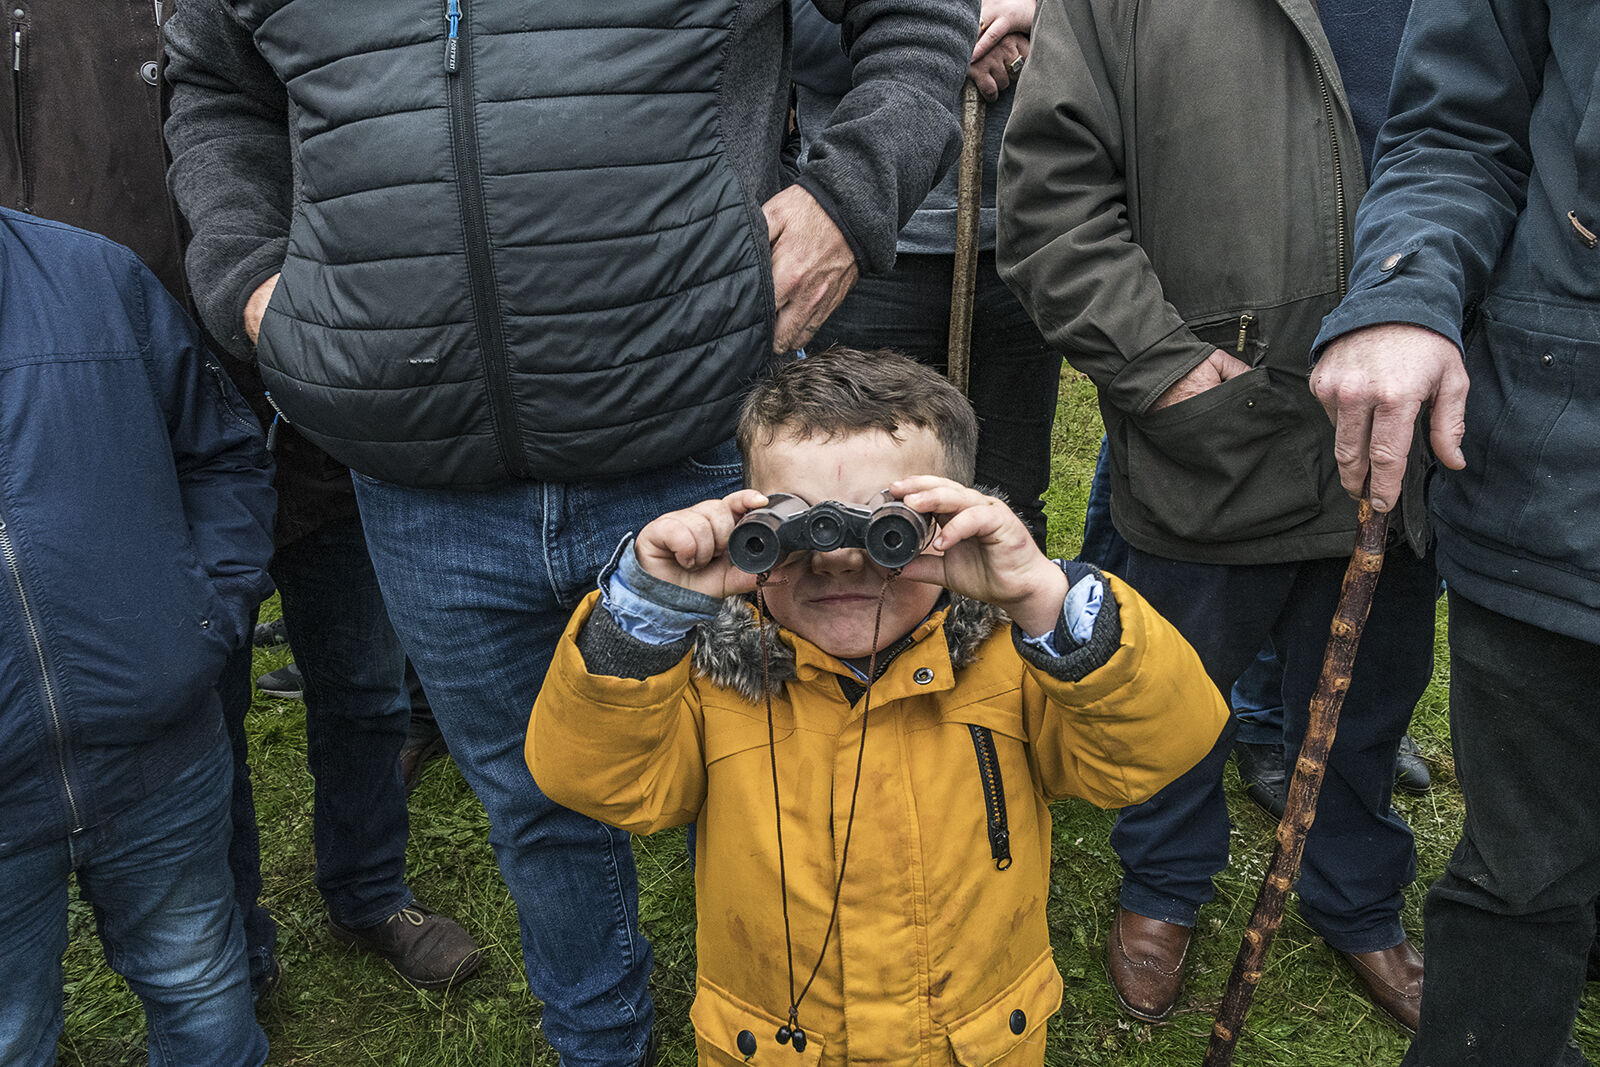 Boy with Binocular, Ballinasloe Horse Fair, Galway, Ireland 2019